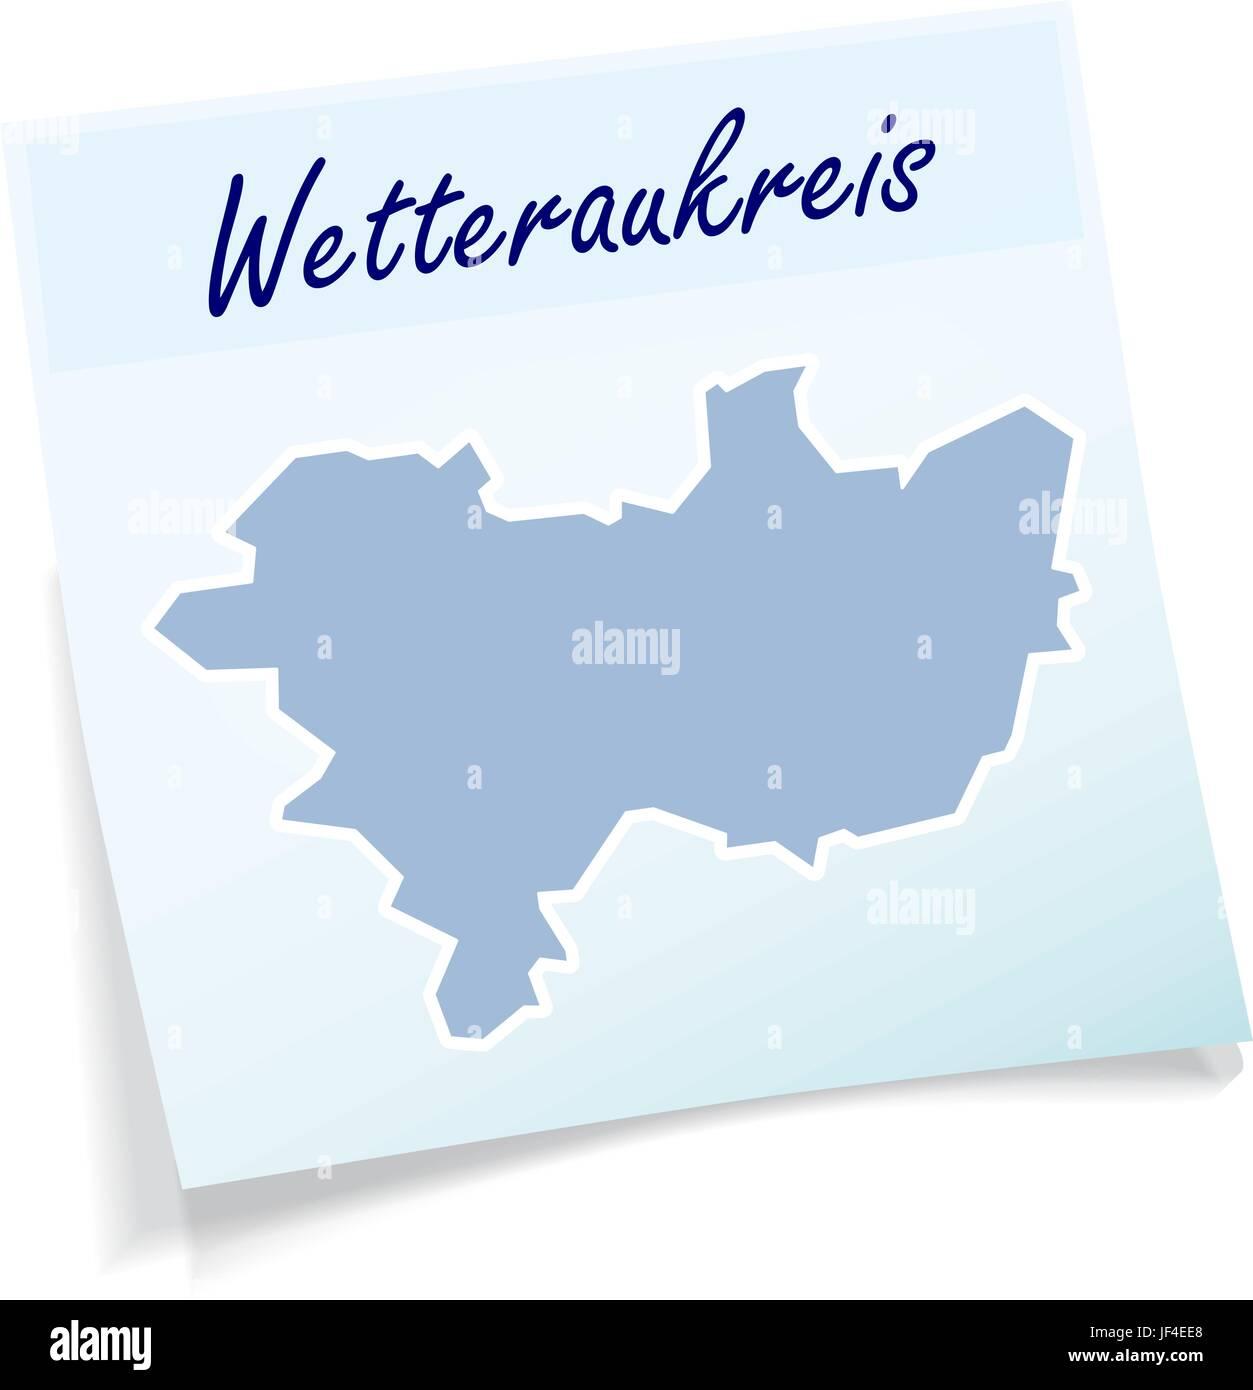 wetteraukreis as a notepad Stock Vector